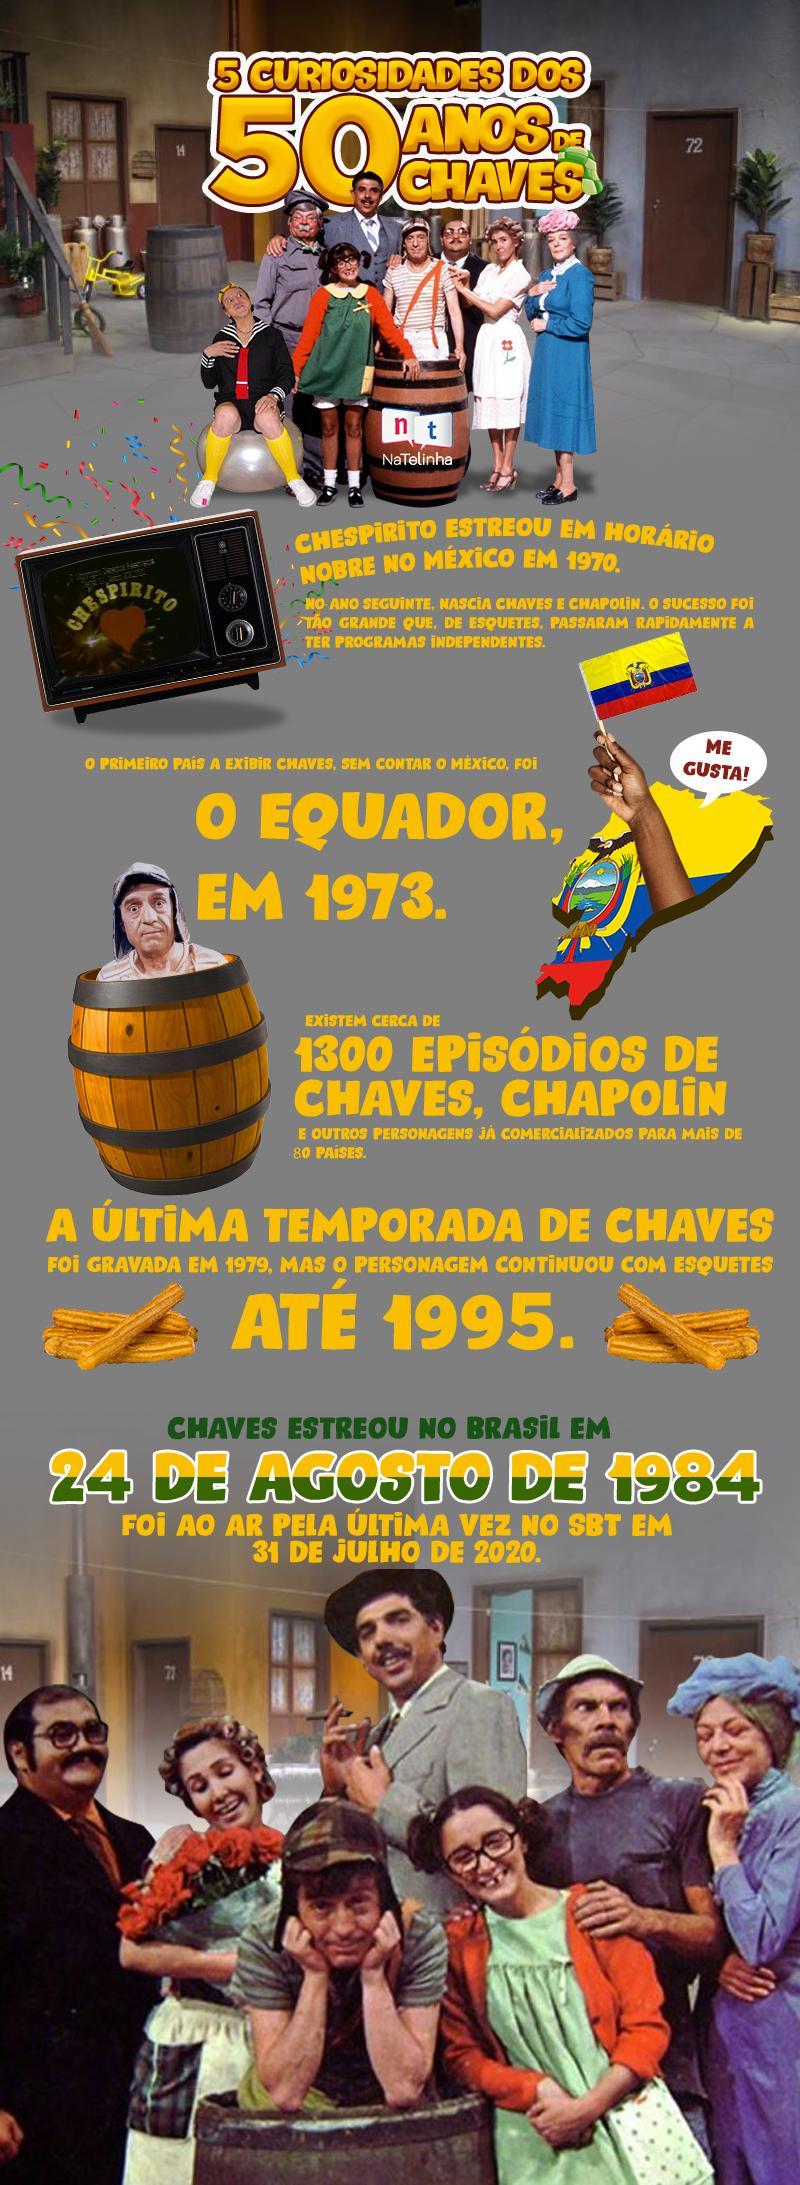 Chaves 50 anos: A inocência e simplicidade que virou fenômeno mundial